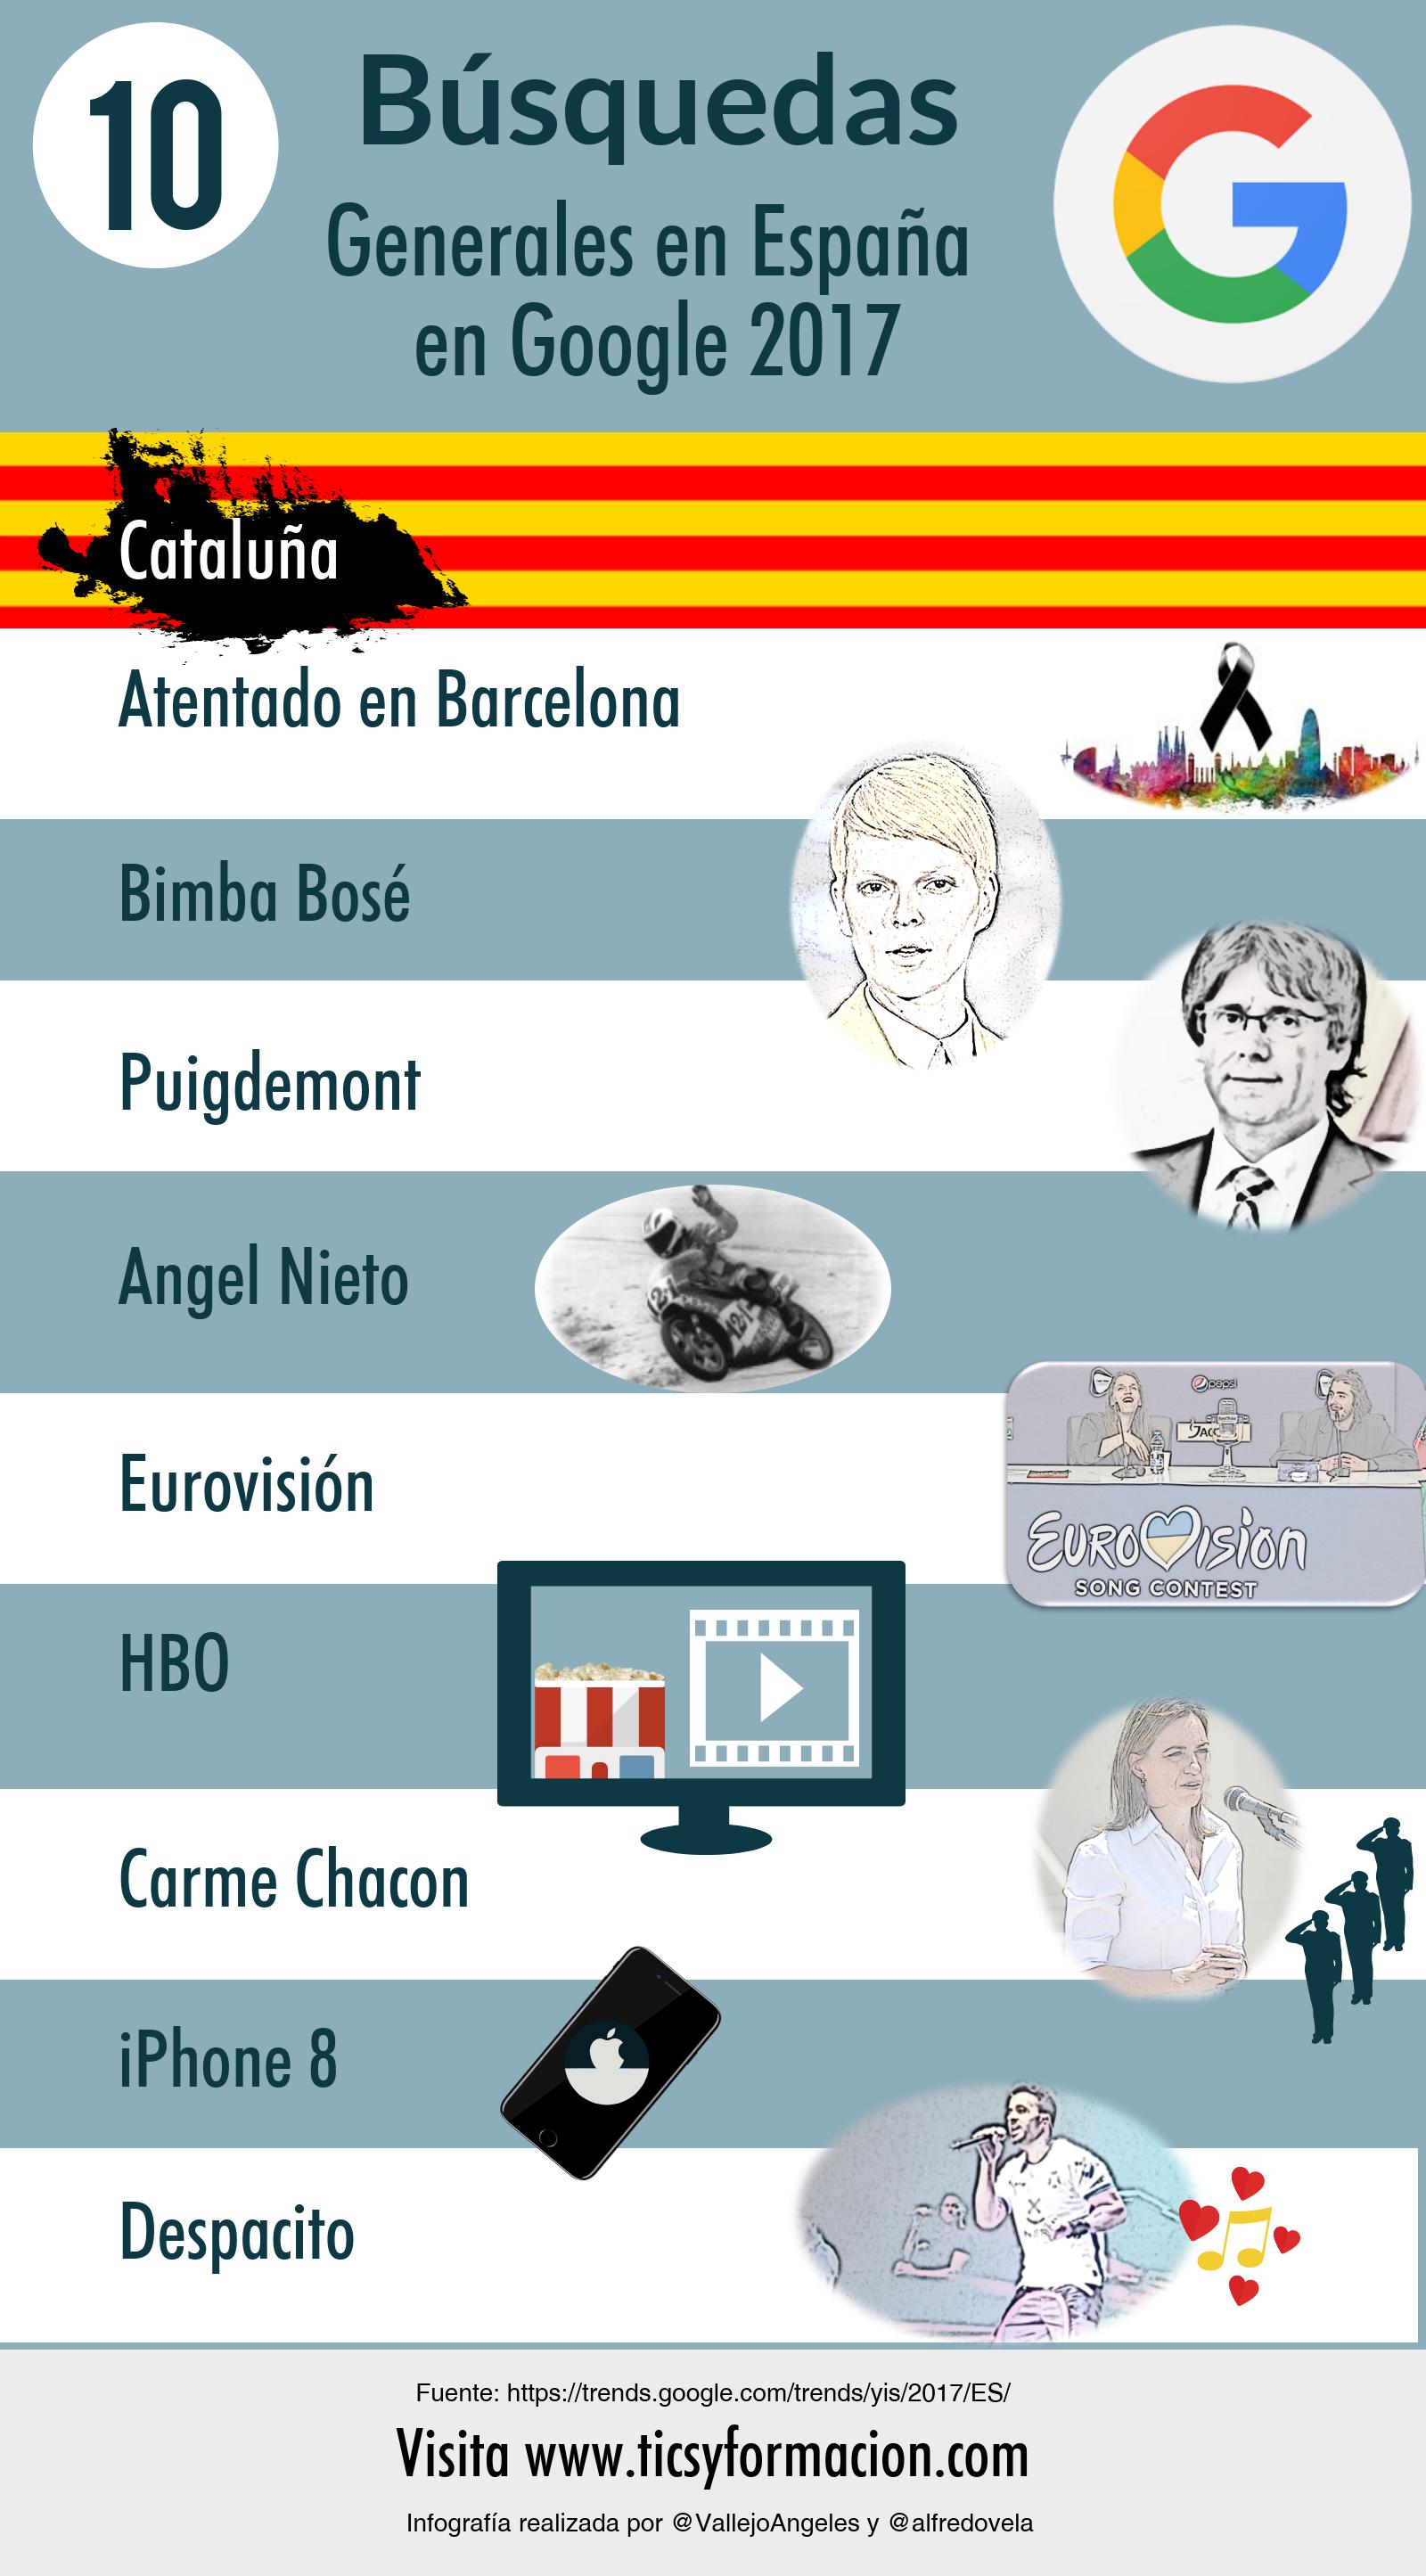 Top 10 búsquedas en Google en España 2017